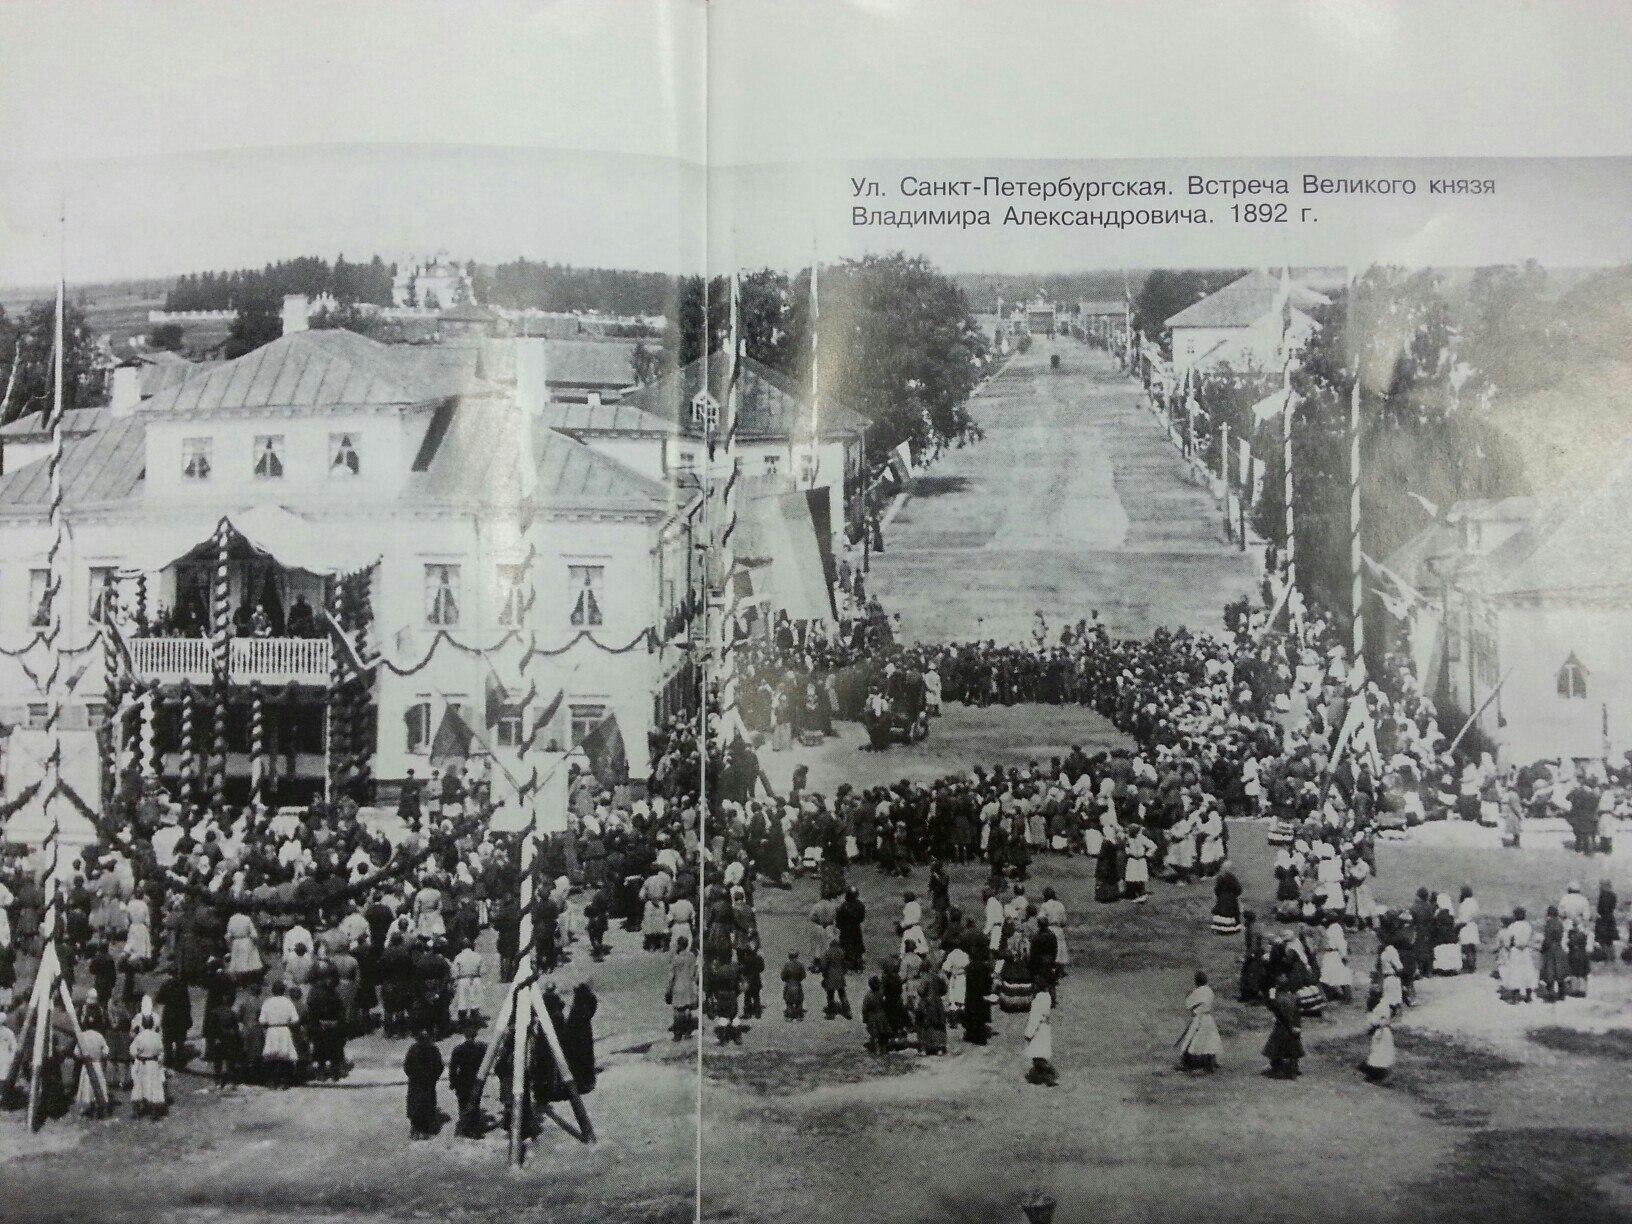 Встреча Великого князя Владимира Александровича. 1892